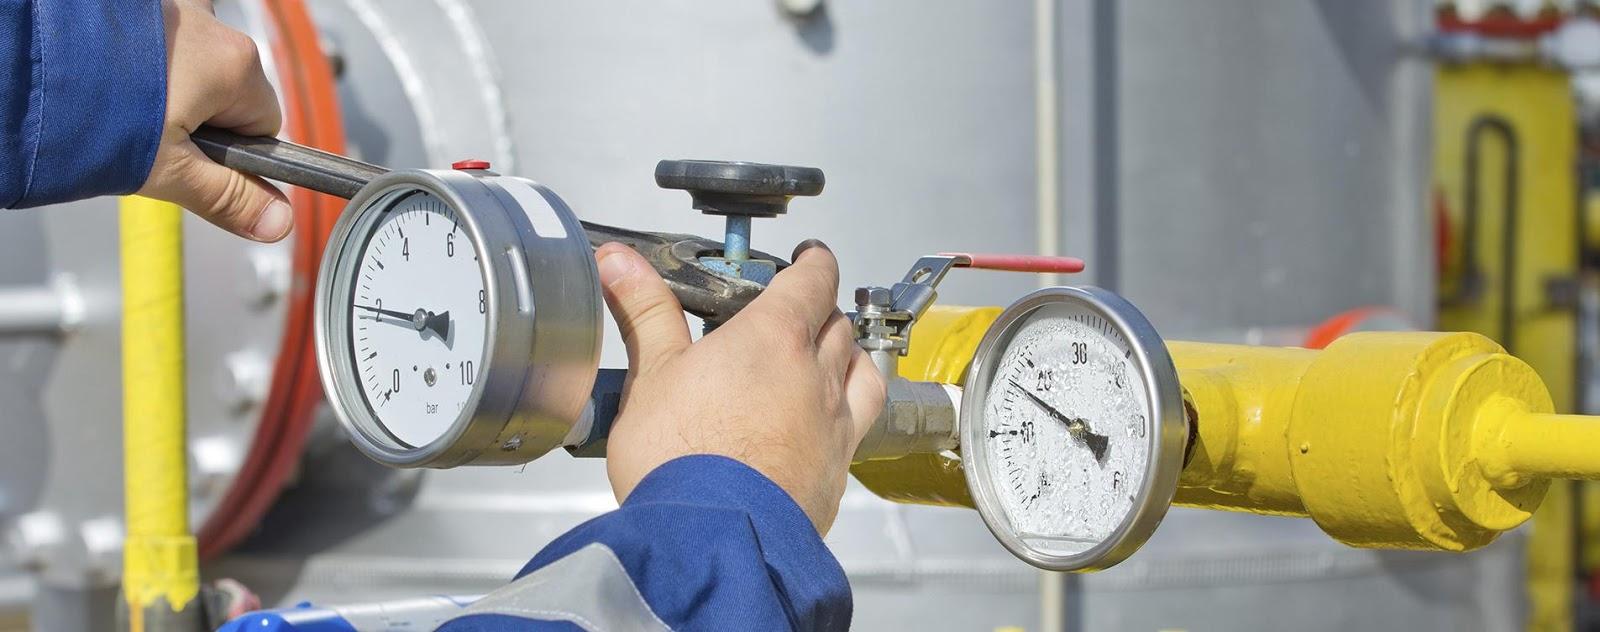 instalar gas natural viviendas zaragoza instalaciones dj